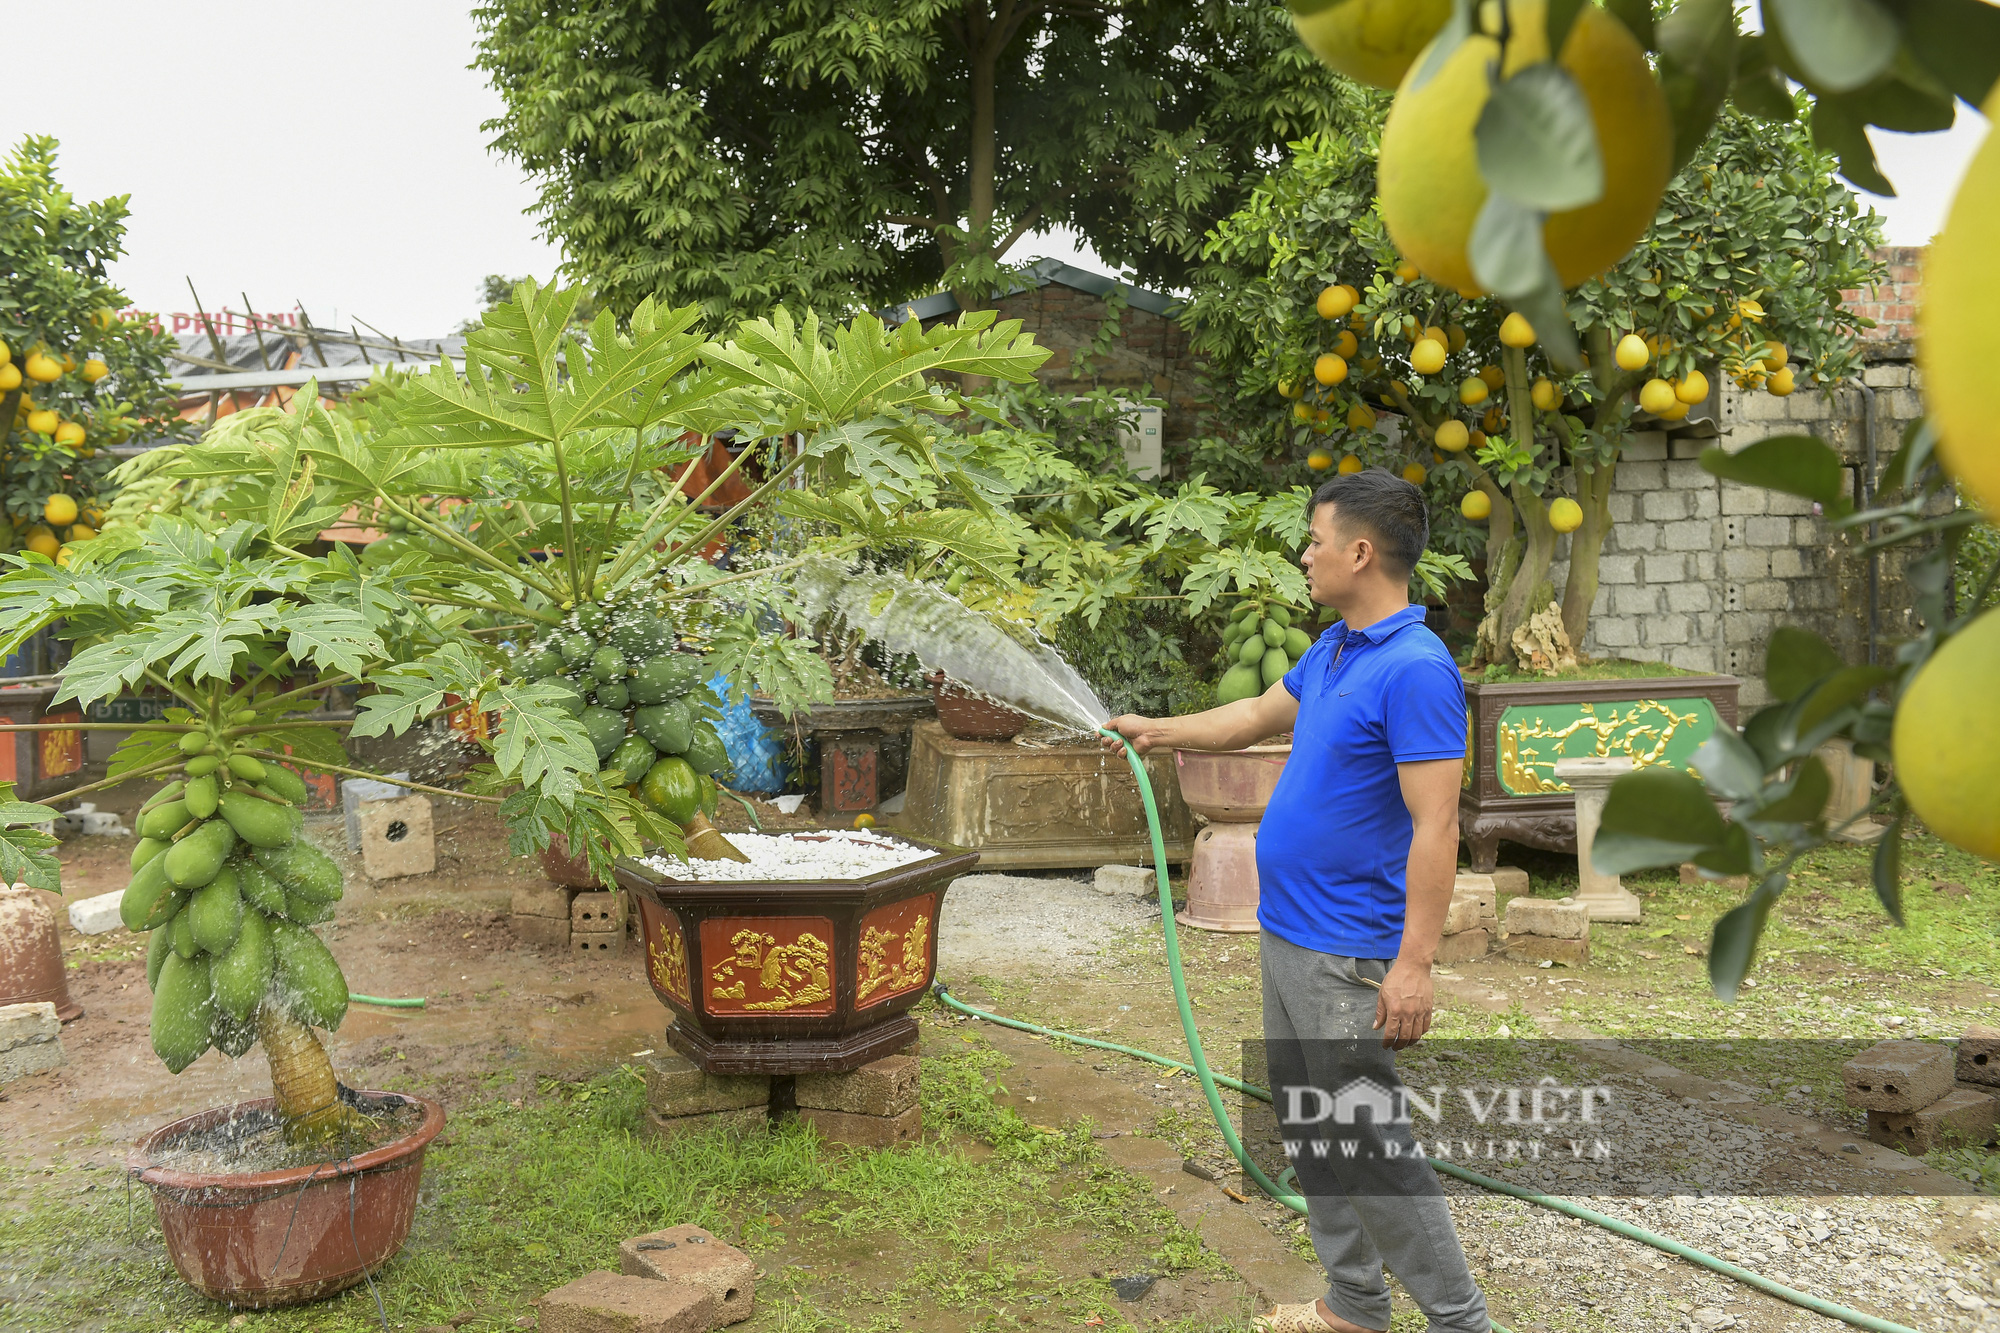 Độc đáo vườn đu đủ bonsai trĩu quả chơi Tết, mỗi cây giá bạc triệu hút khách mua chơi Tết - Ảnh 5.